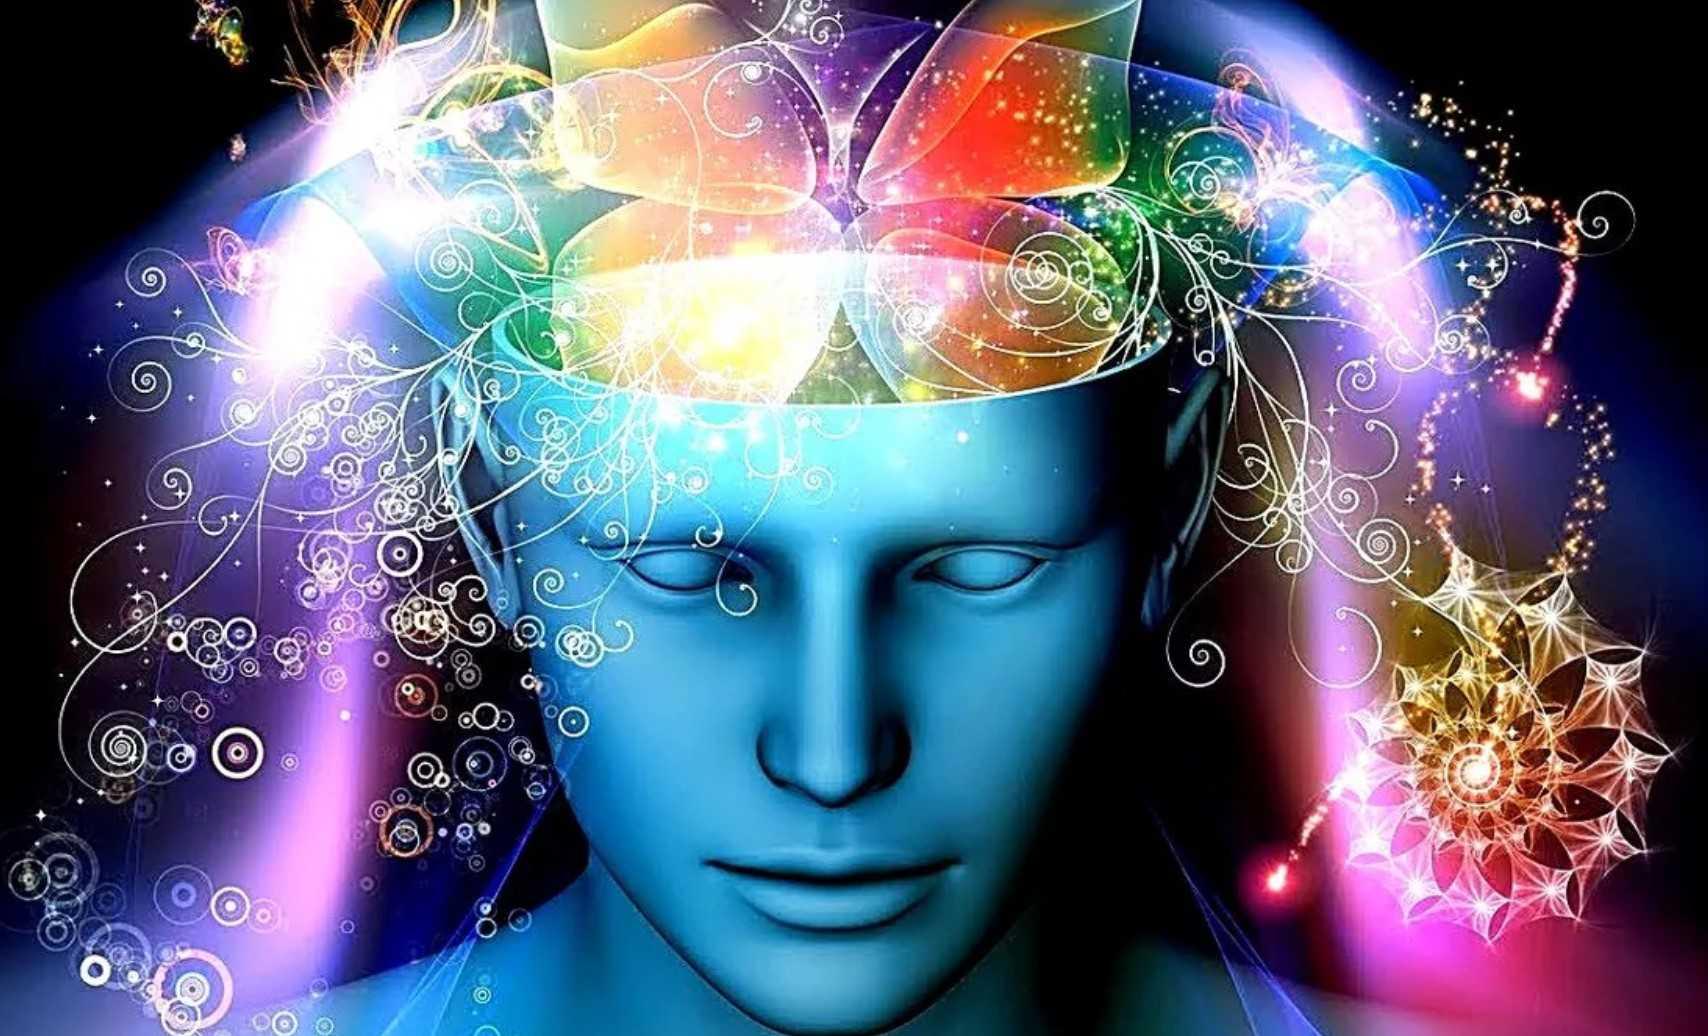 Подсознание и бессознательное — объясняем человеческим языком